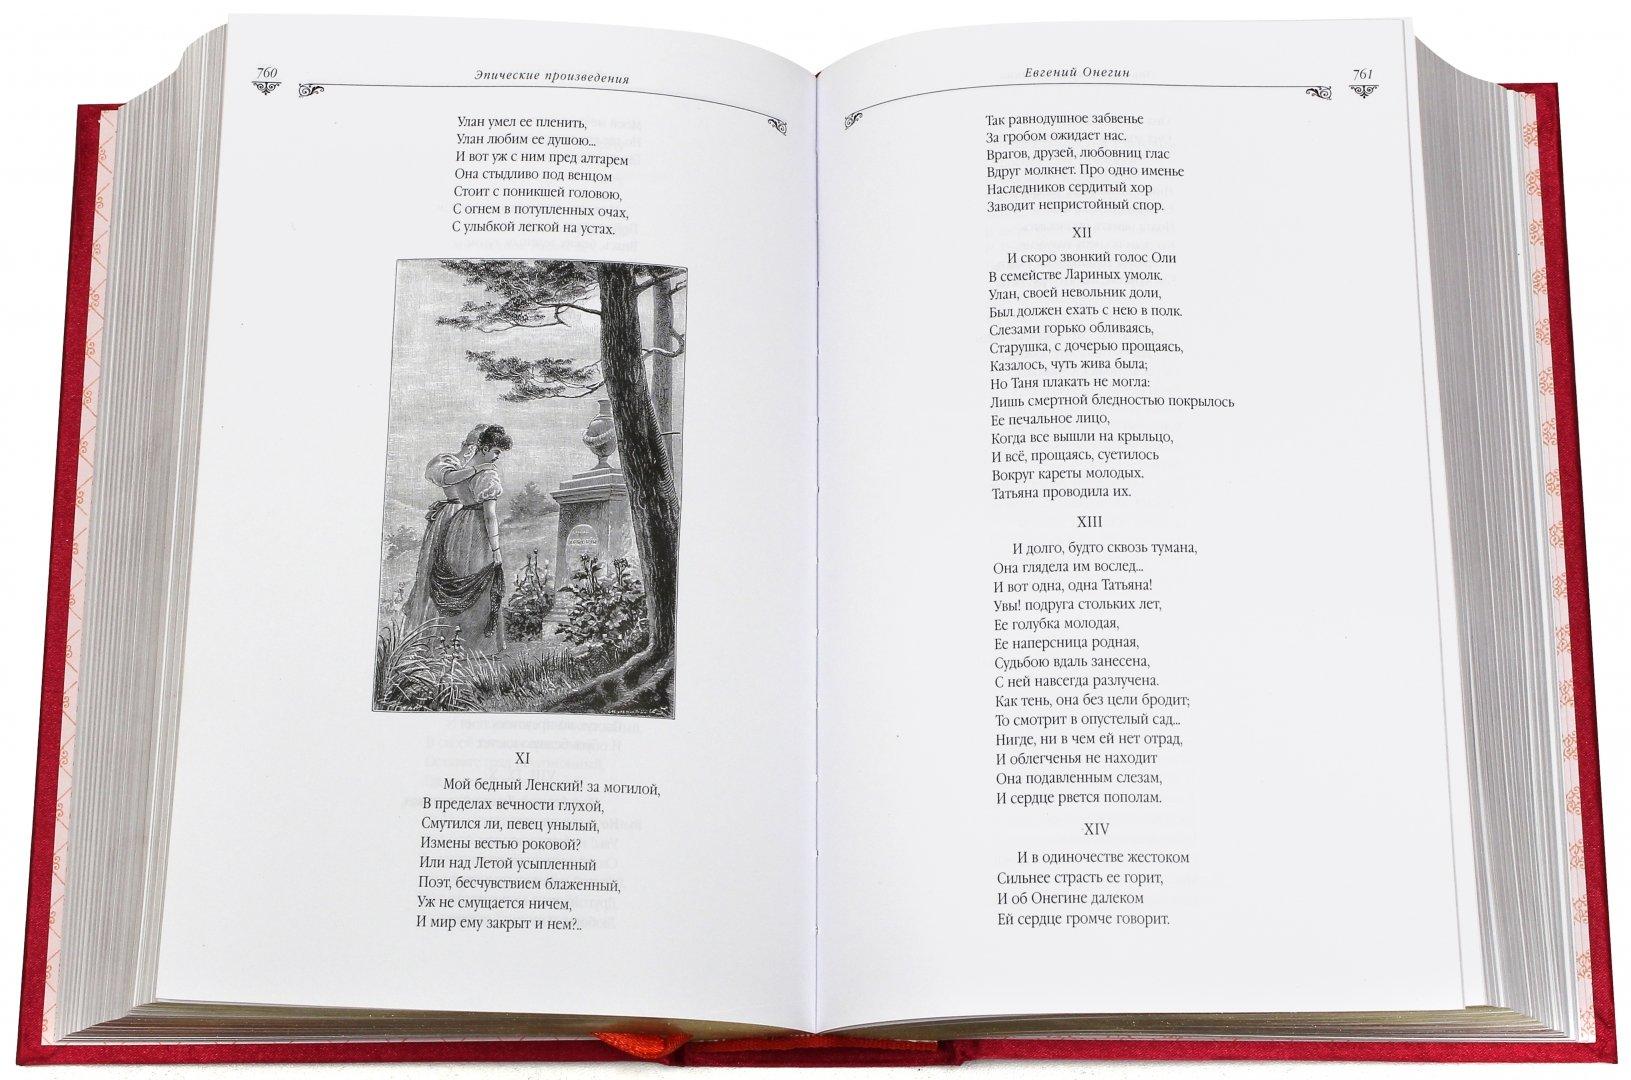 Иллюстрация 1 из 17 для Золотой том. Собрание сочинений - Александр Пушкин | Лабиринт - книги. Источник: Лабиринт